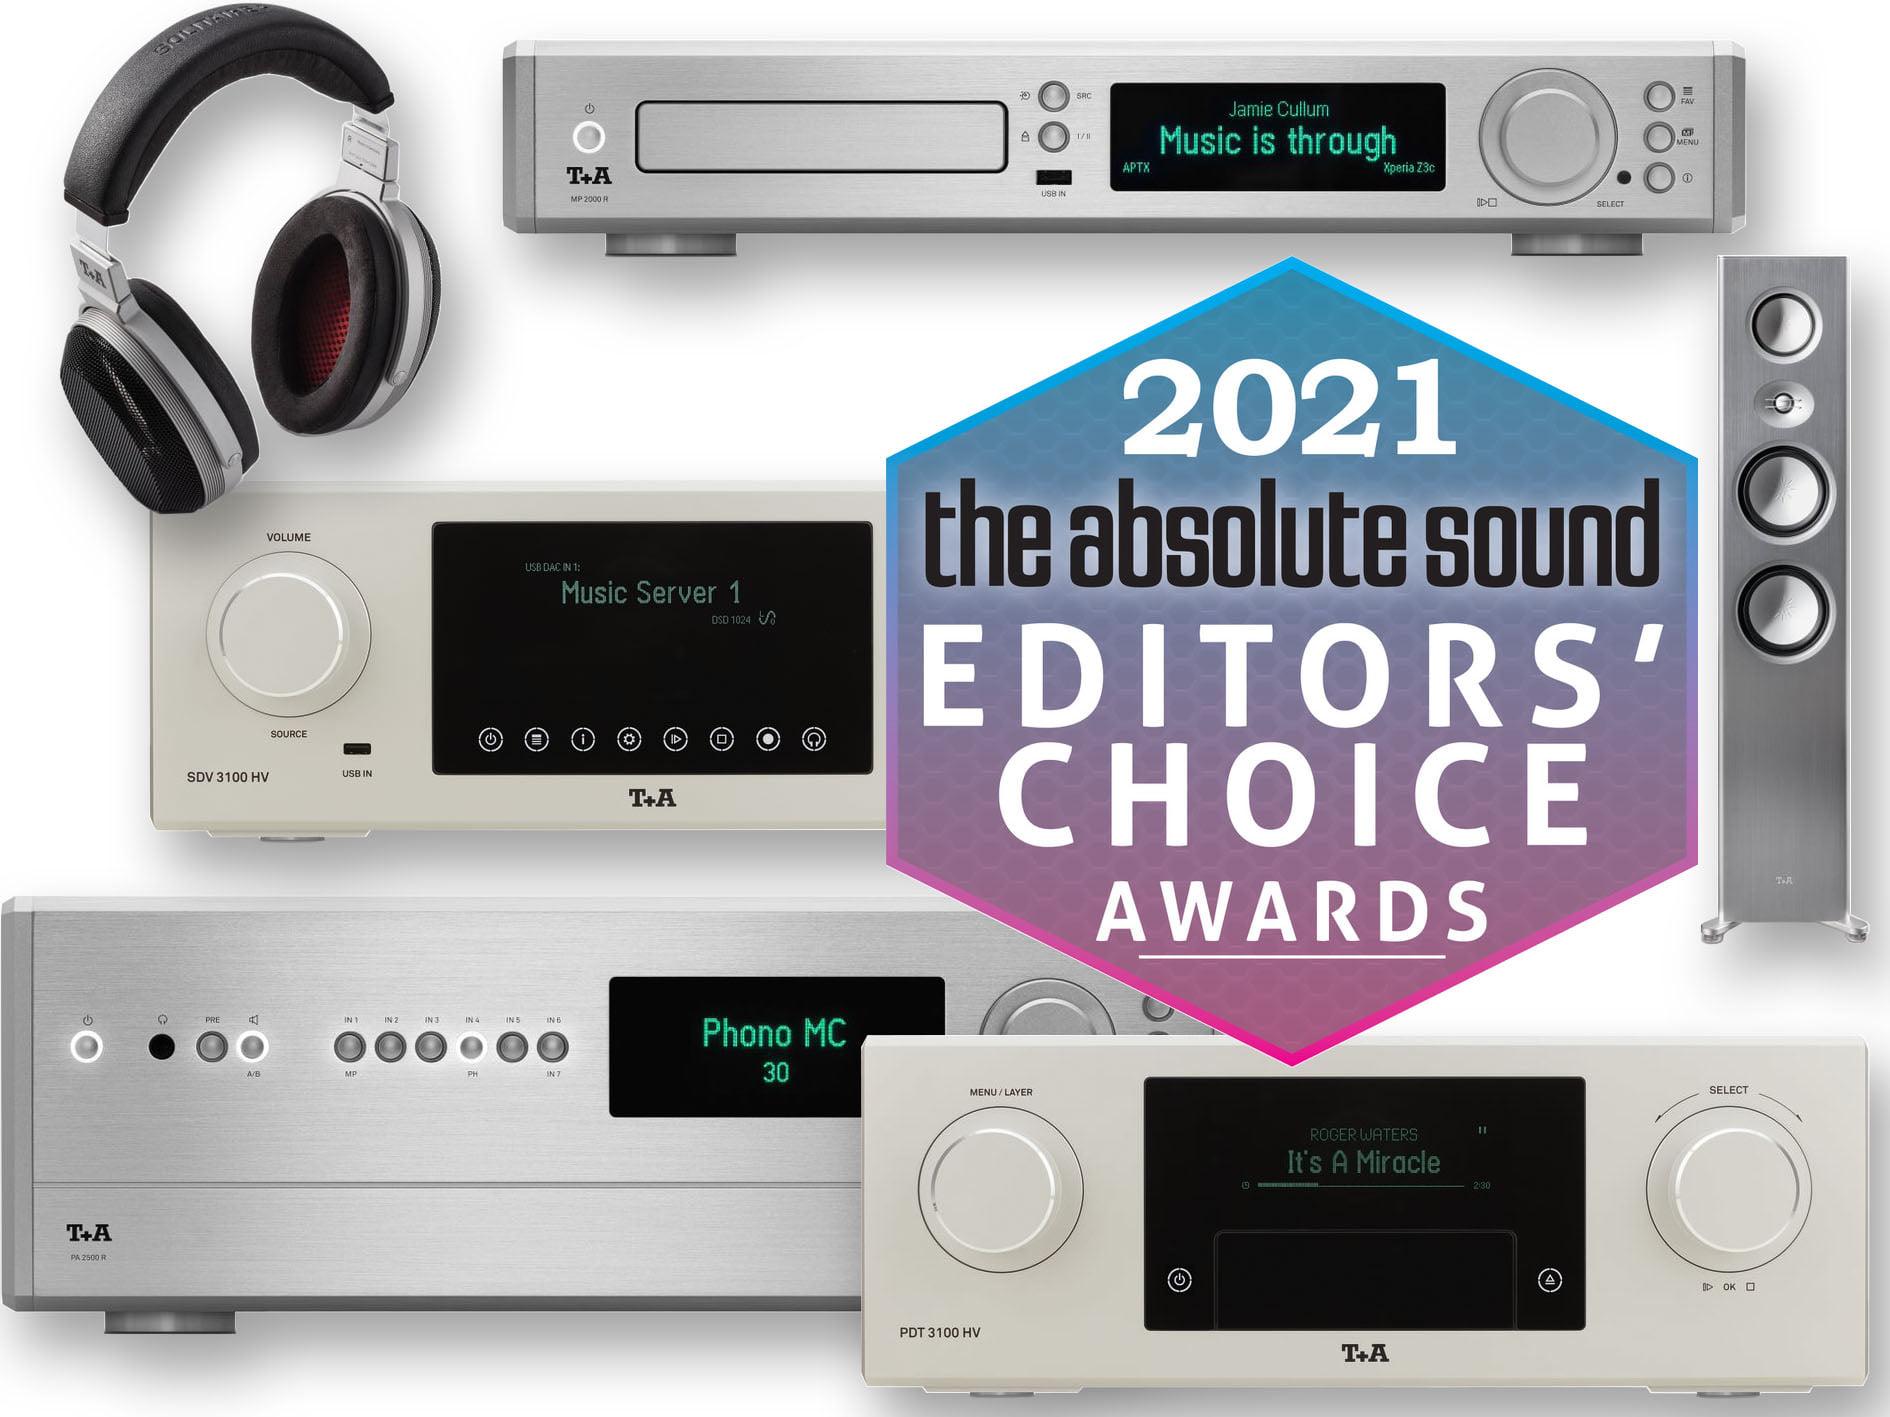 коллекция трофеев немецкого производителя Т+А была пополнена шестью наградами «Выбор редакции» издания The Absolute Sound